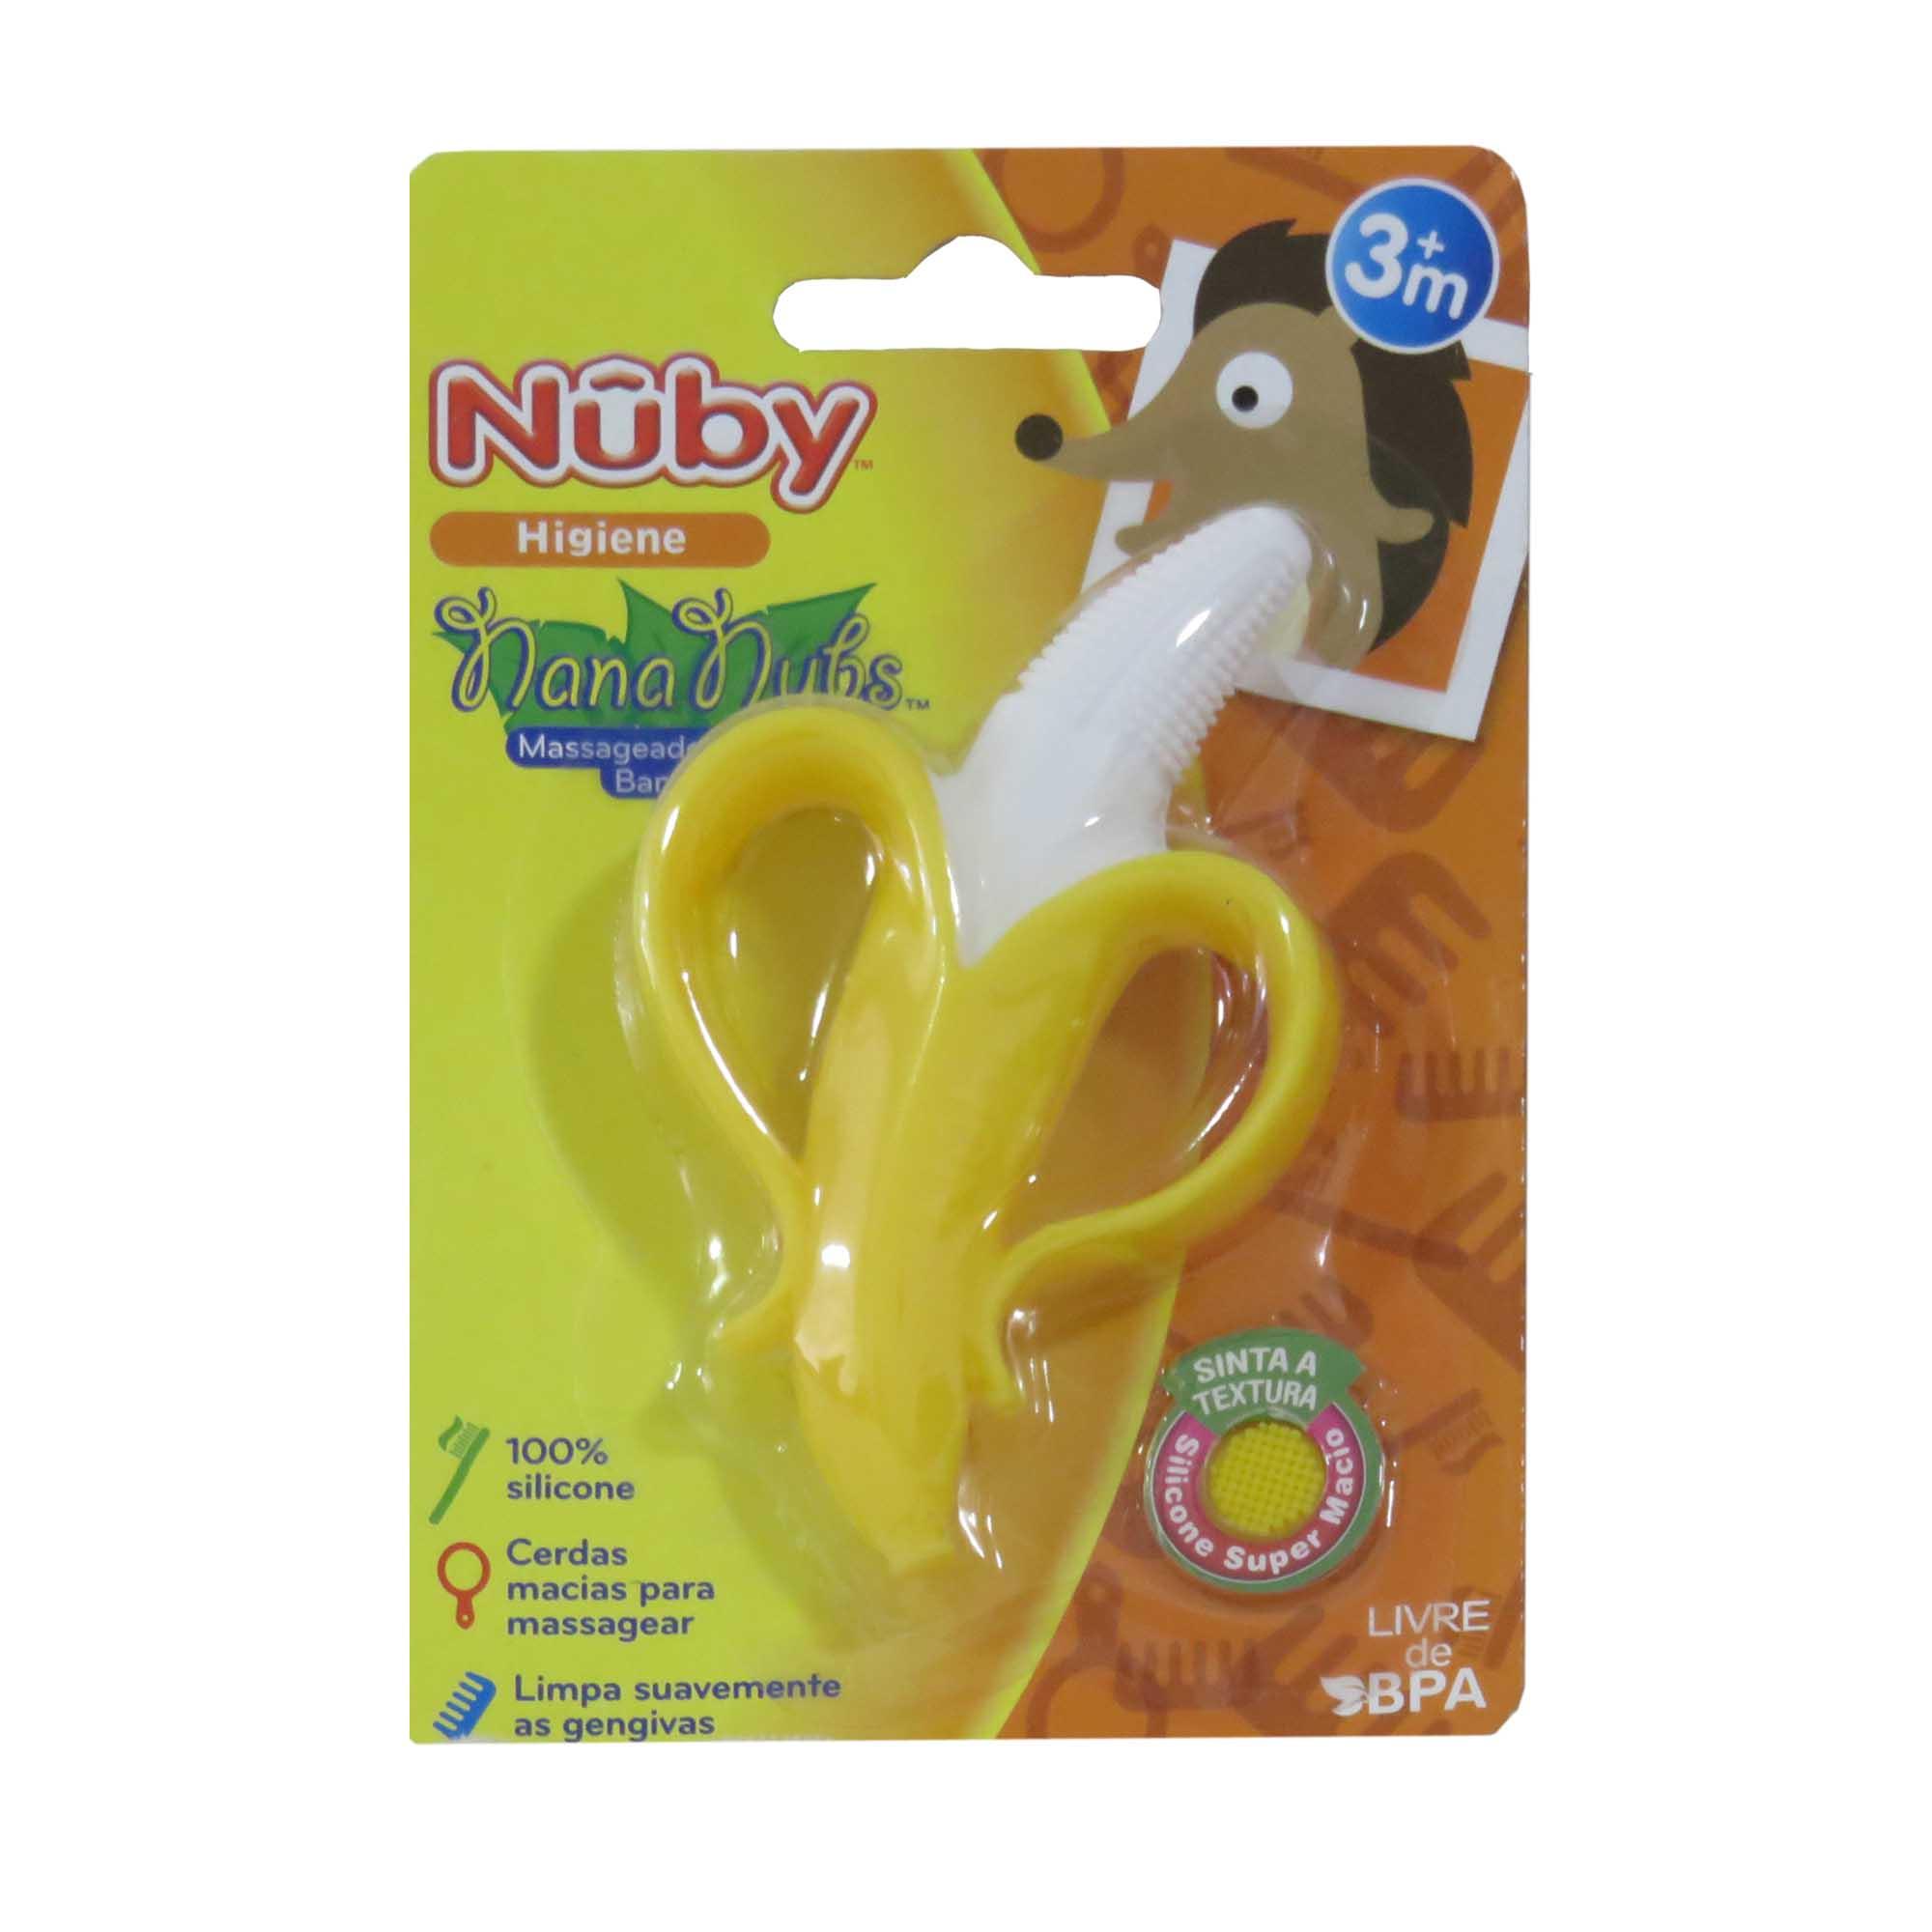 Massageador Dental Cajovil Nûby - Banana +3M - Amarelo